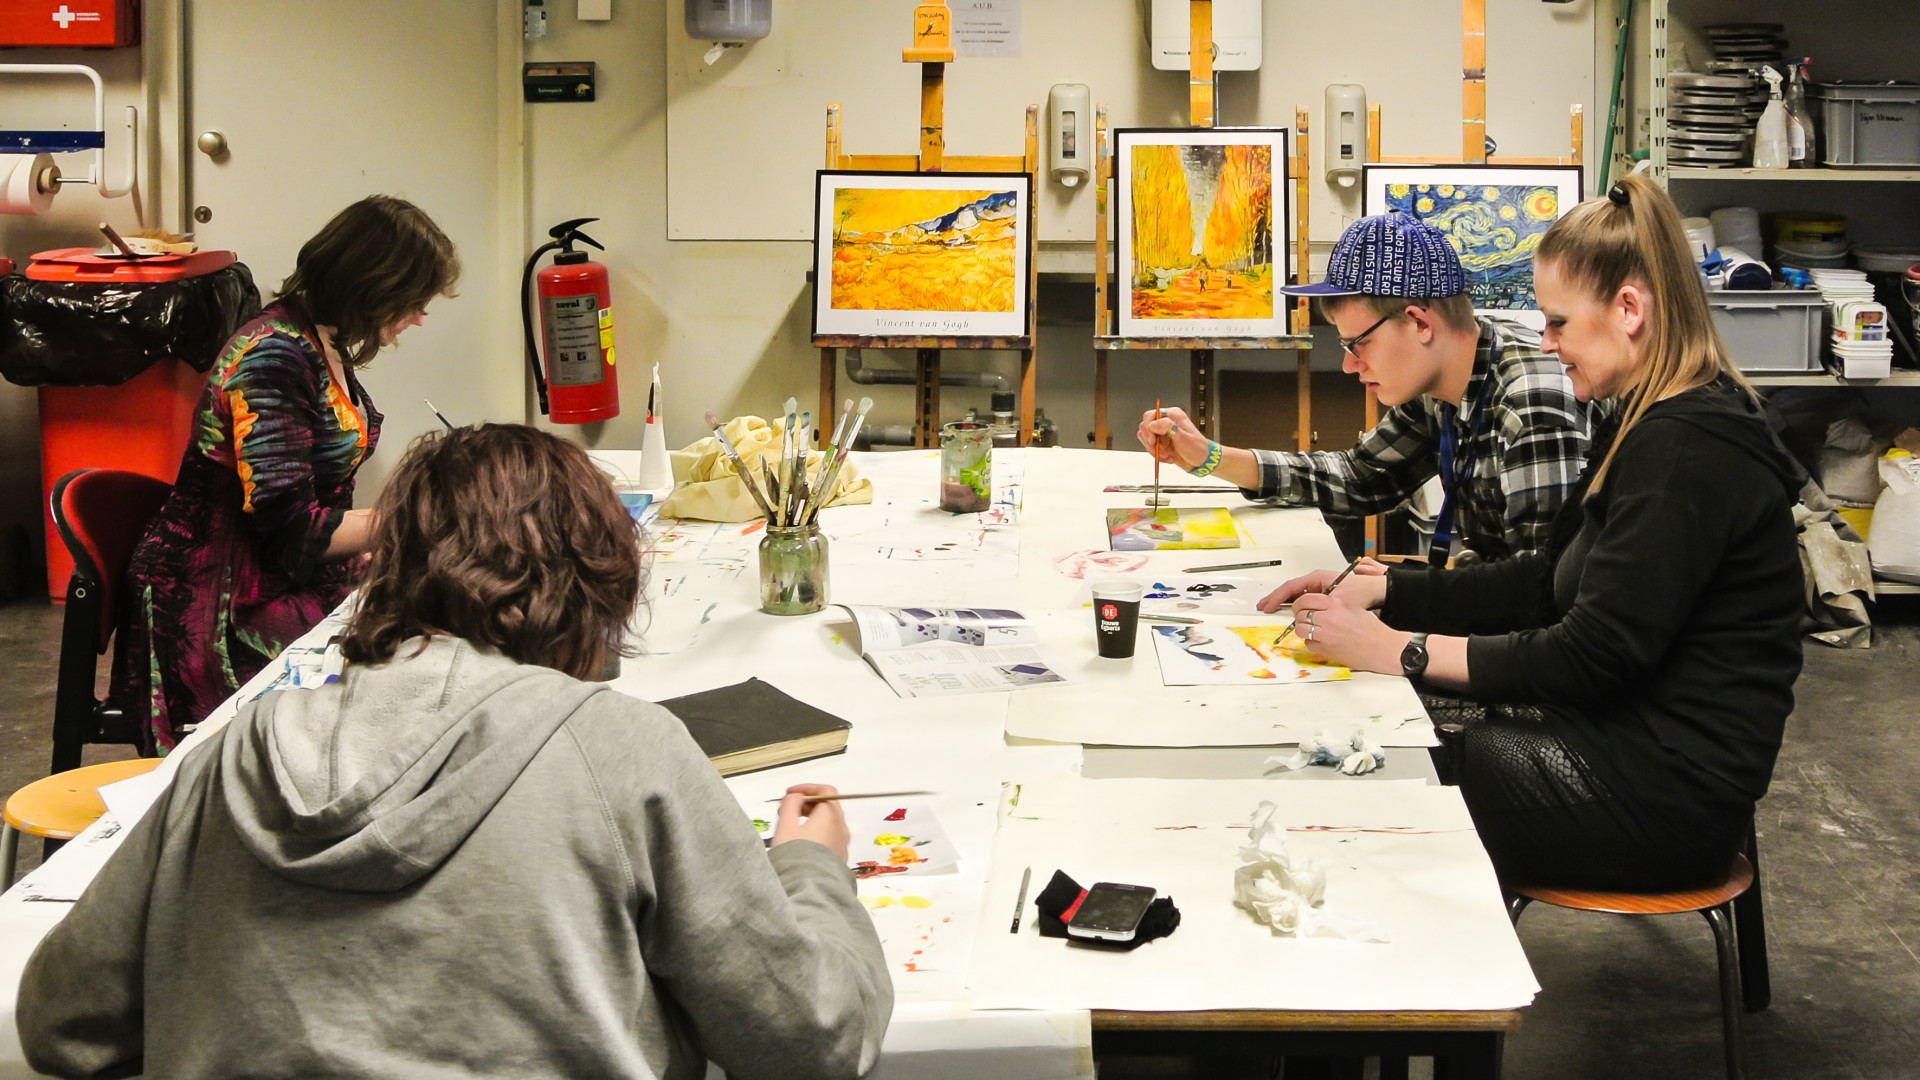 Dag-Atelier - De Meerpaal, Dronten